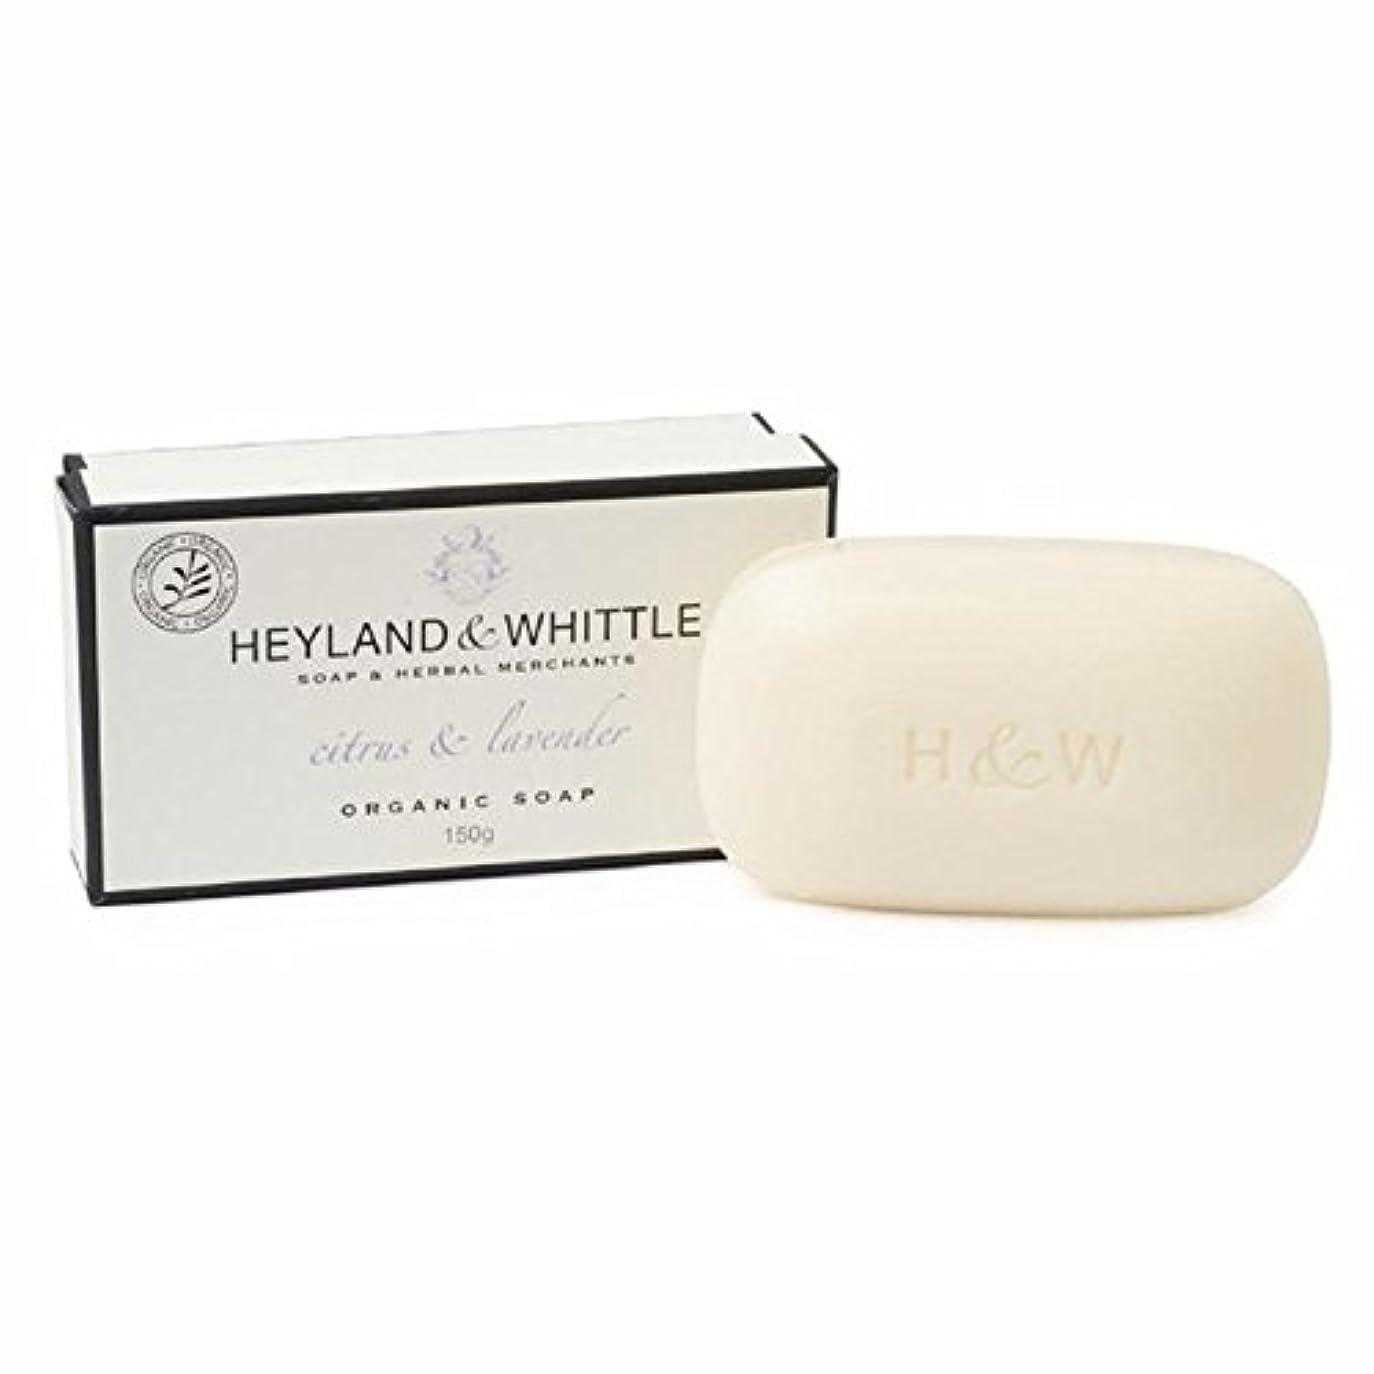 優遇活性化レギュラー&削るシトラス&ラベンダーは、有機石鹸150グラム箱入り x2 - Heyland & Whittle Citrus & Lavender Boxed Organic Soap 150g (Pack of 2) [並行輸入品]